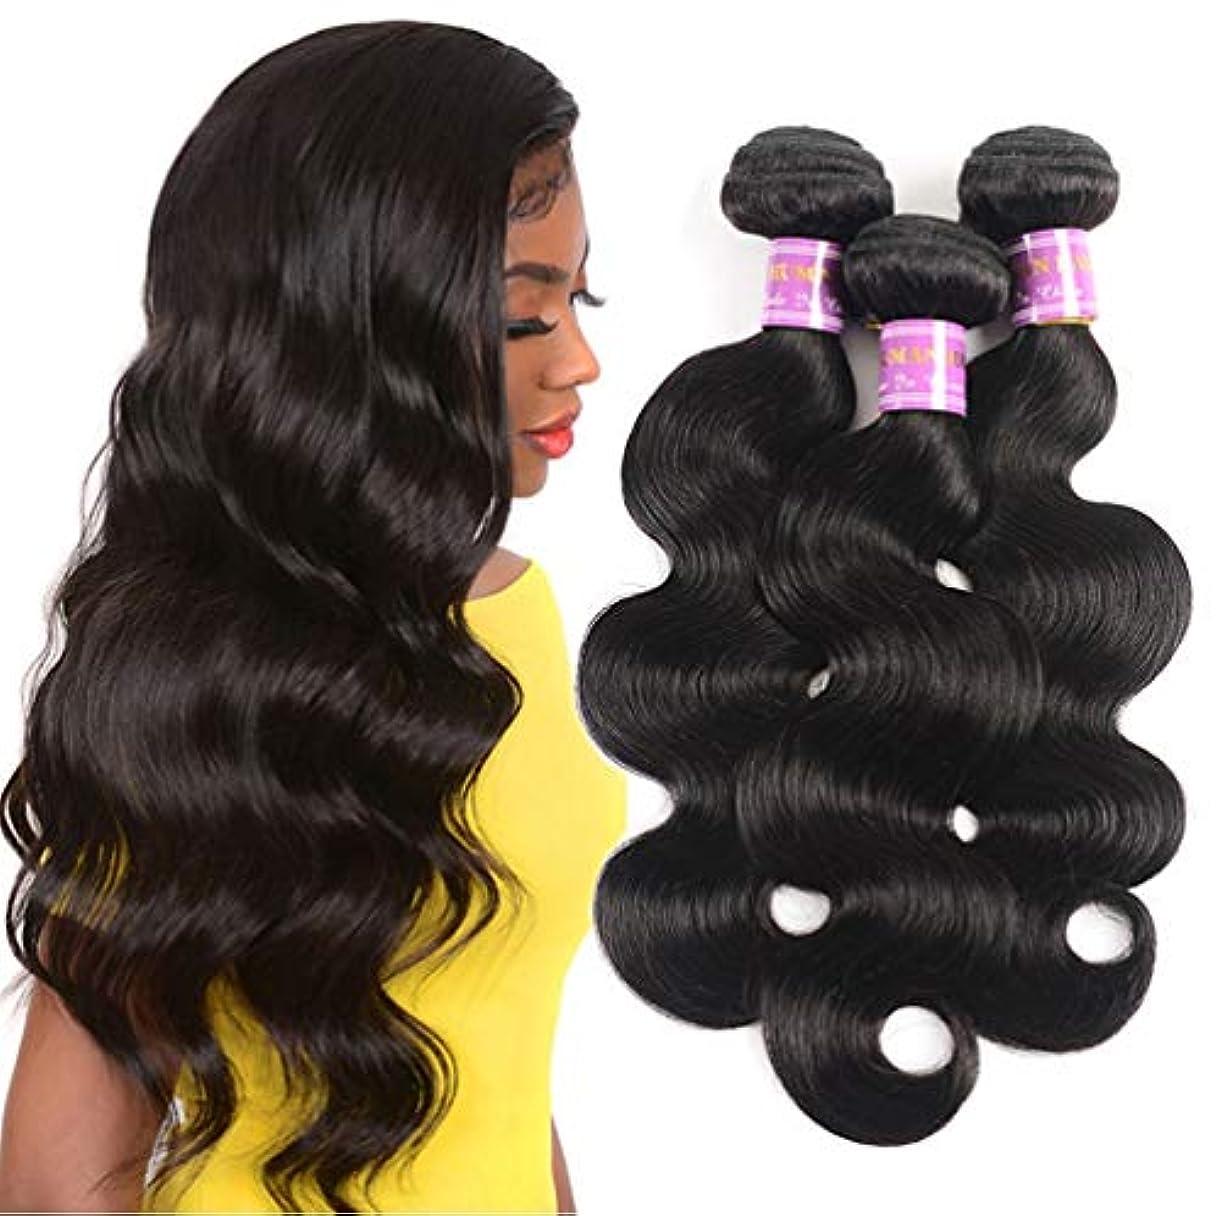 根絶する事前屋内ブラジルの毛の束ボディ波の人間の毛髪の織り方3の束のRemyのブラジルの体波の毛延長完全な頭部